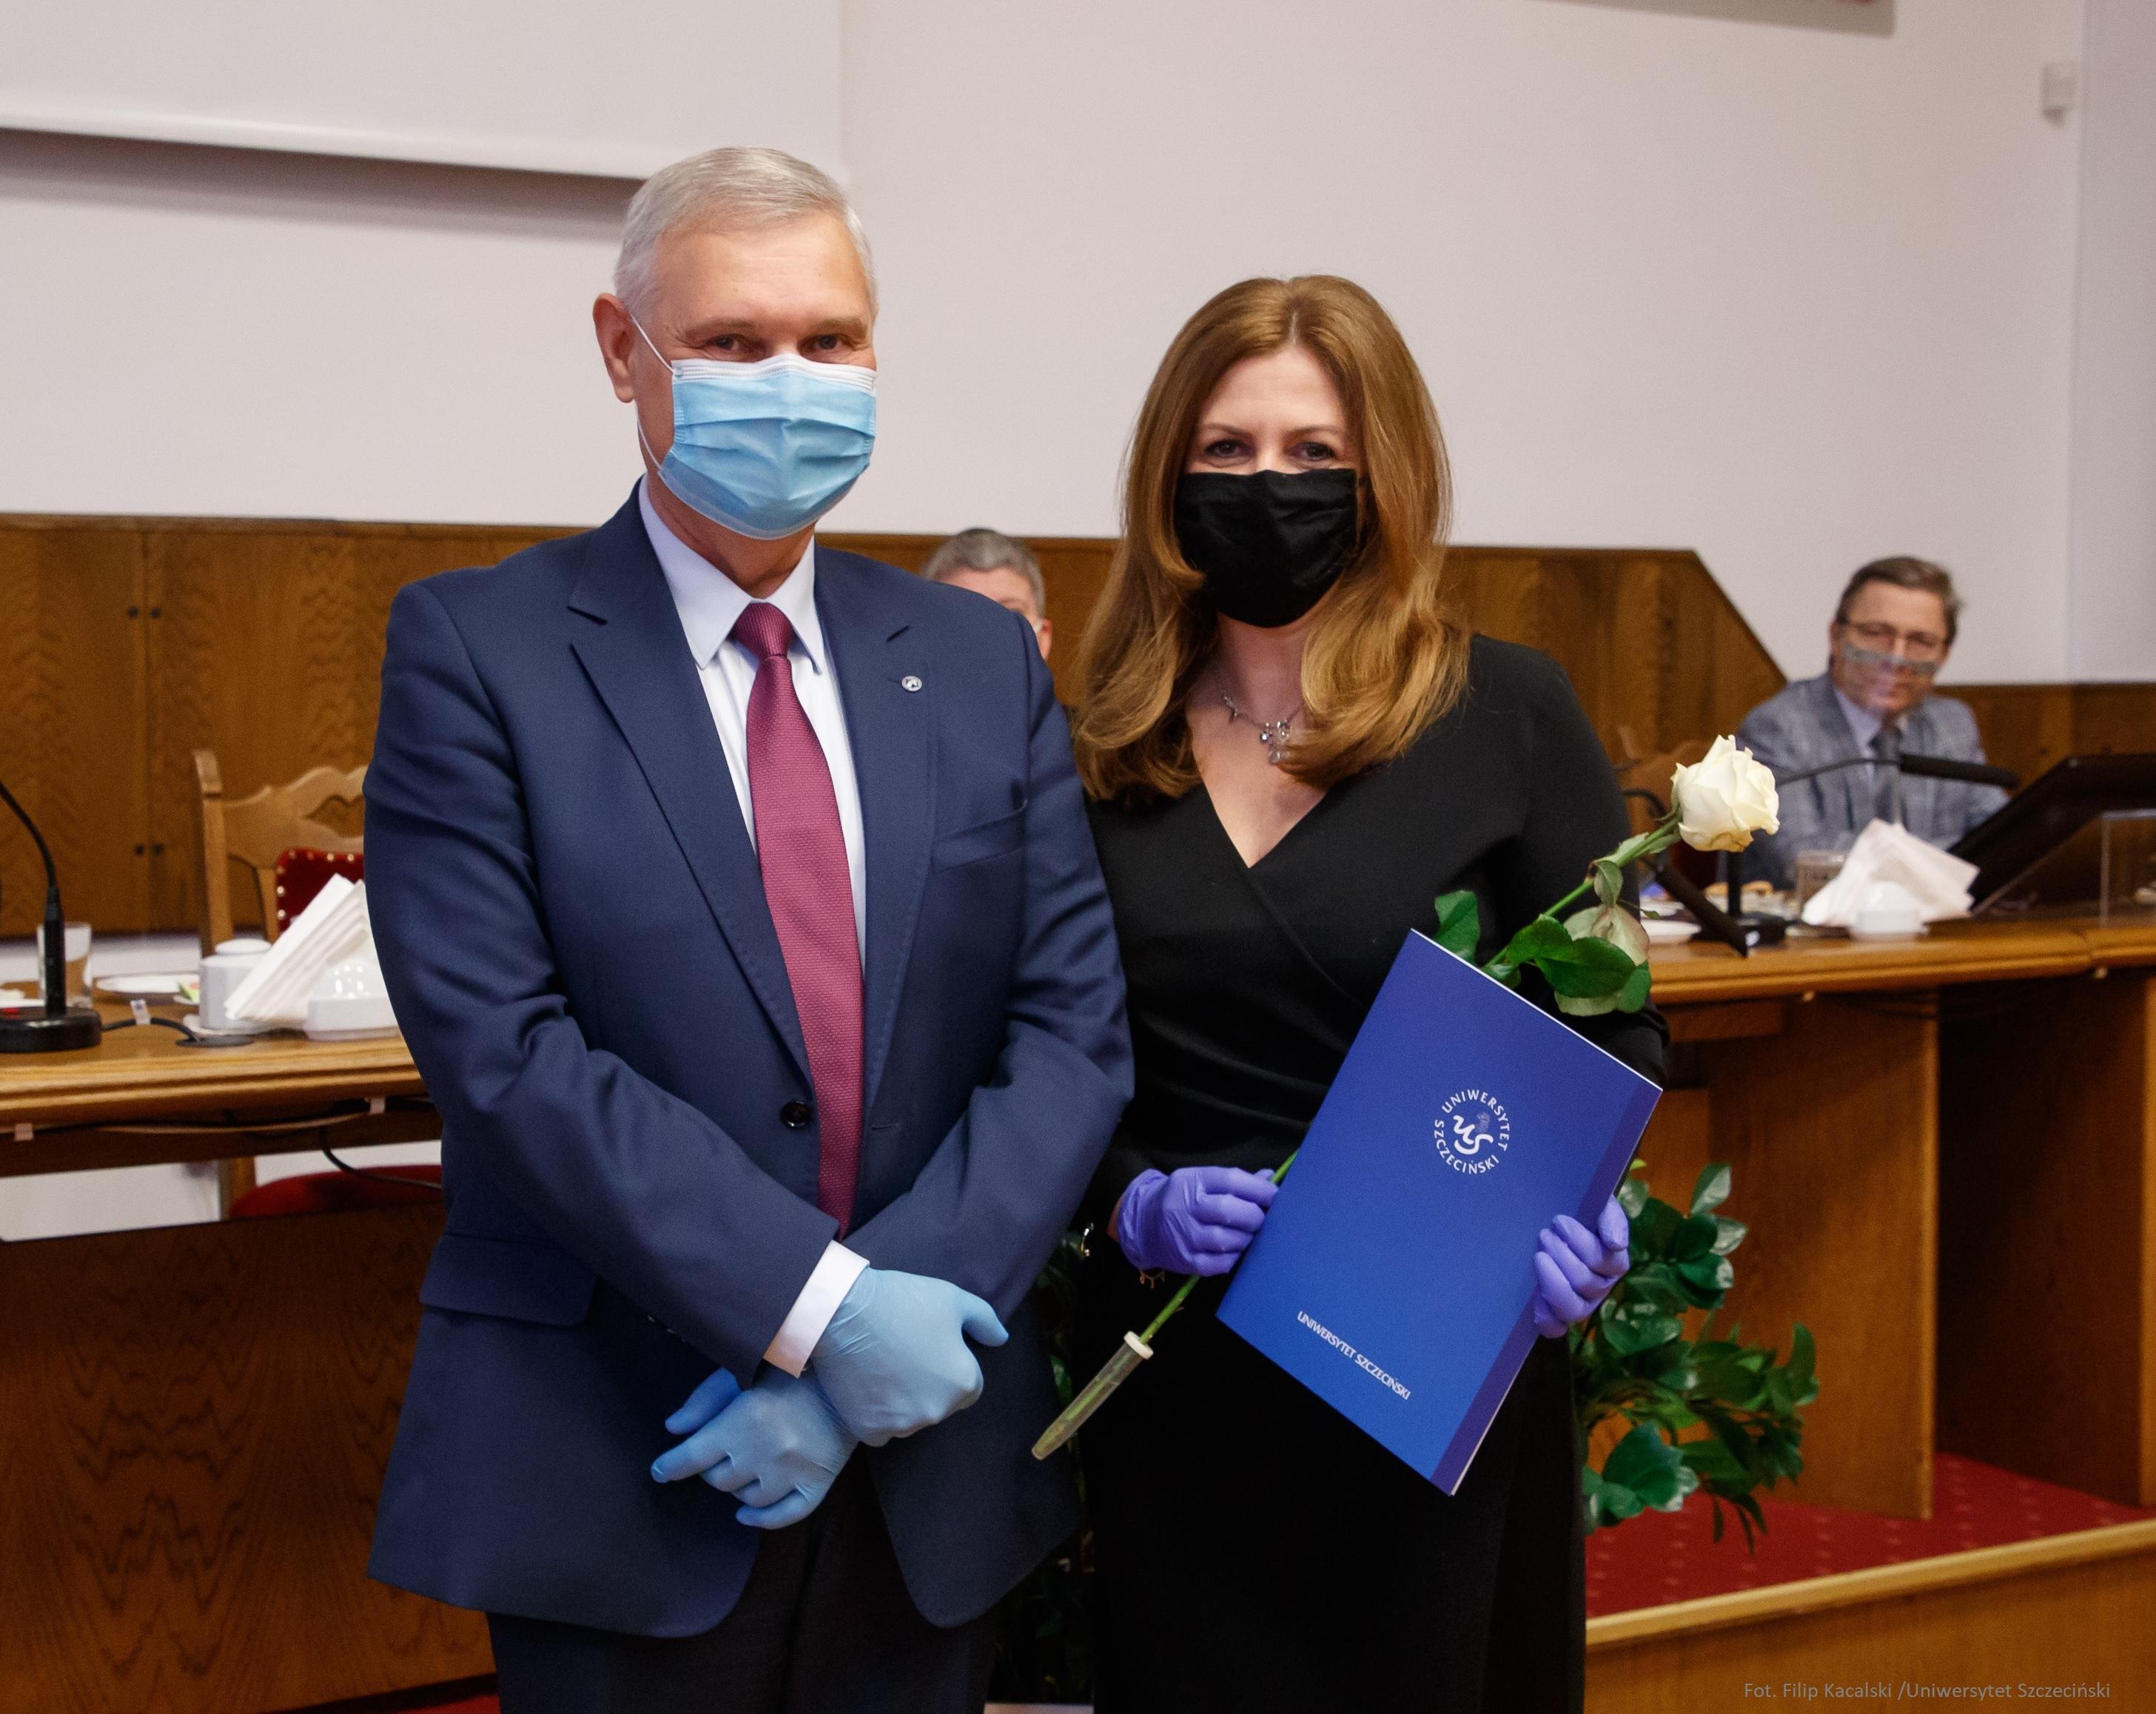 Pani dr hab. Ewelina Cała-Wacinkiewicz, prof. US Dziekanem Wydziału Prawa i Administracji US